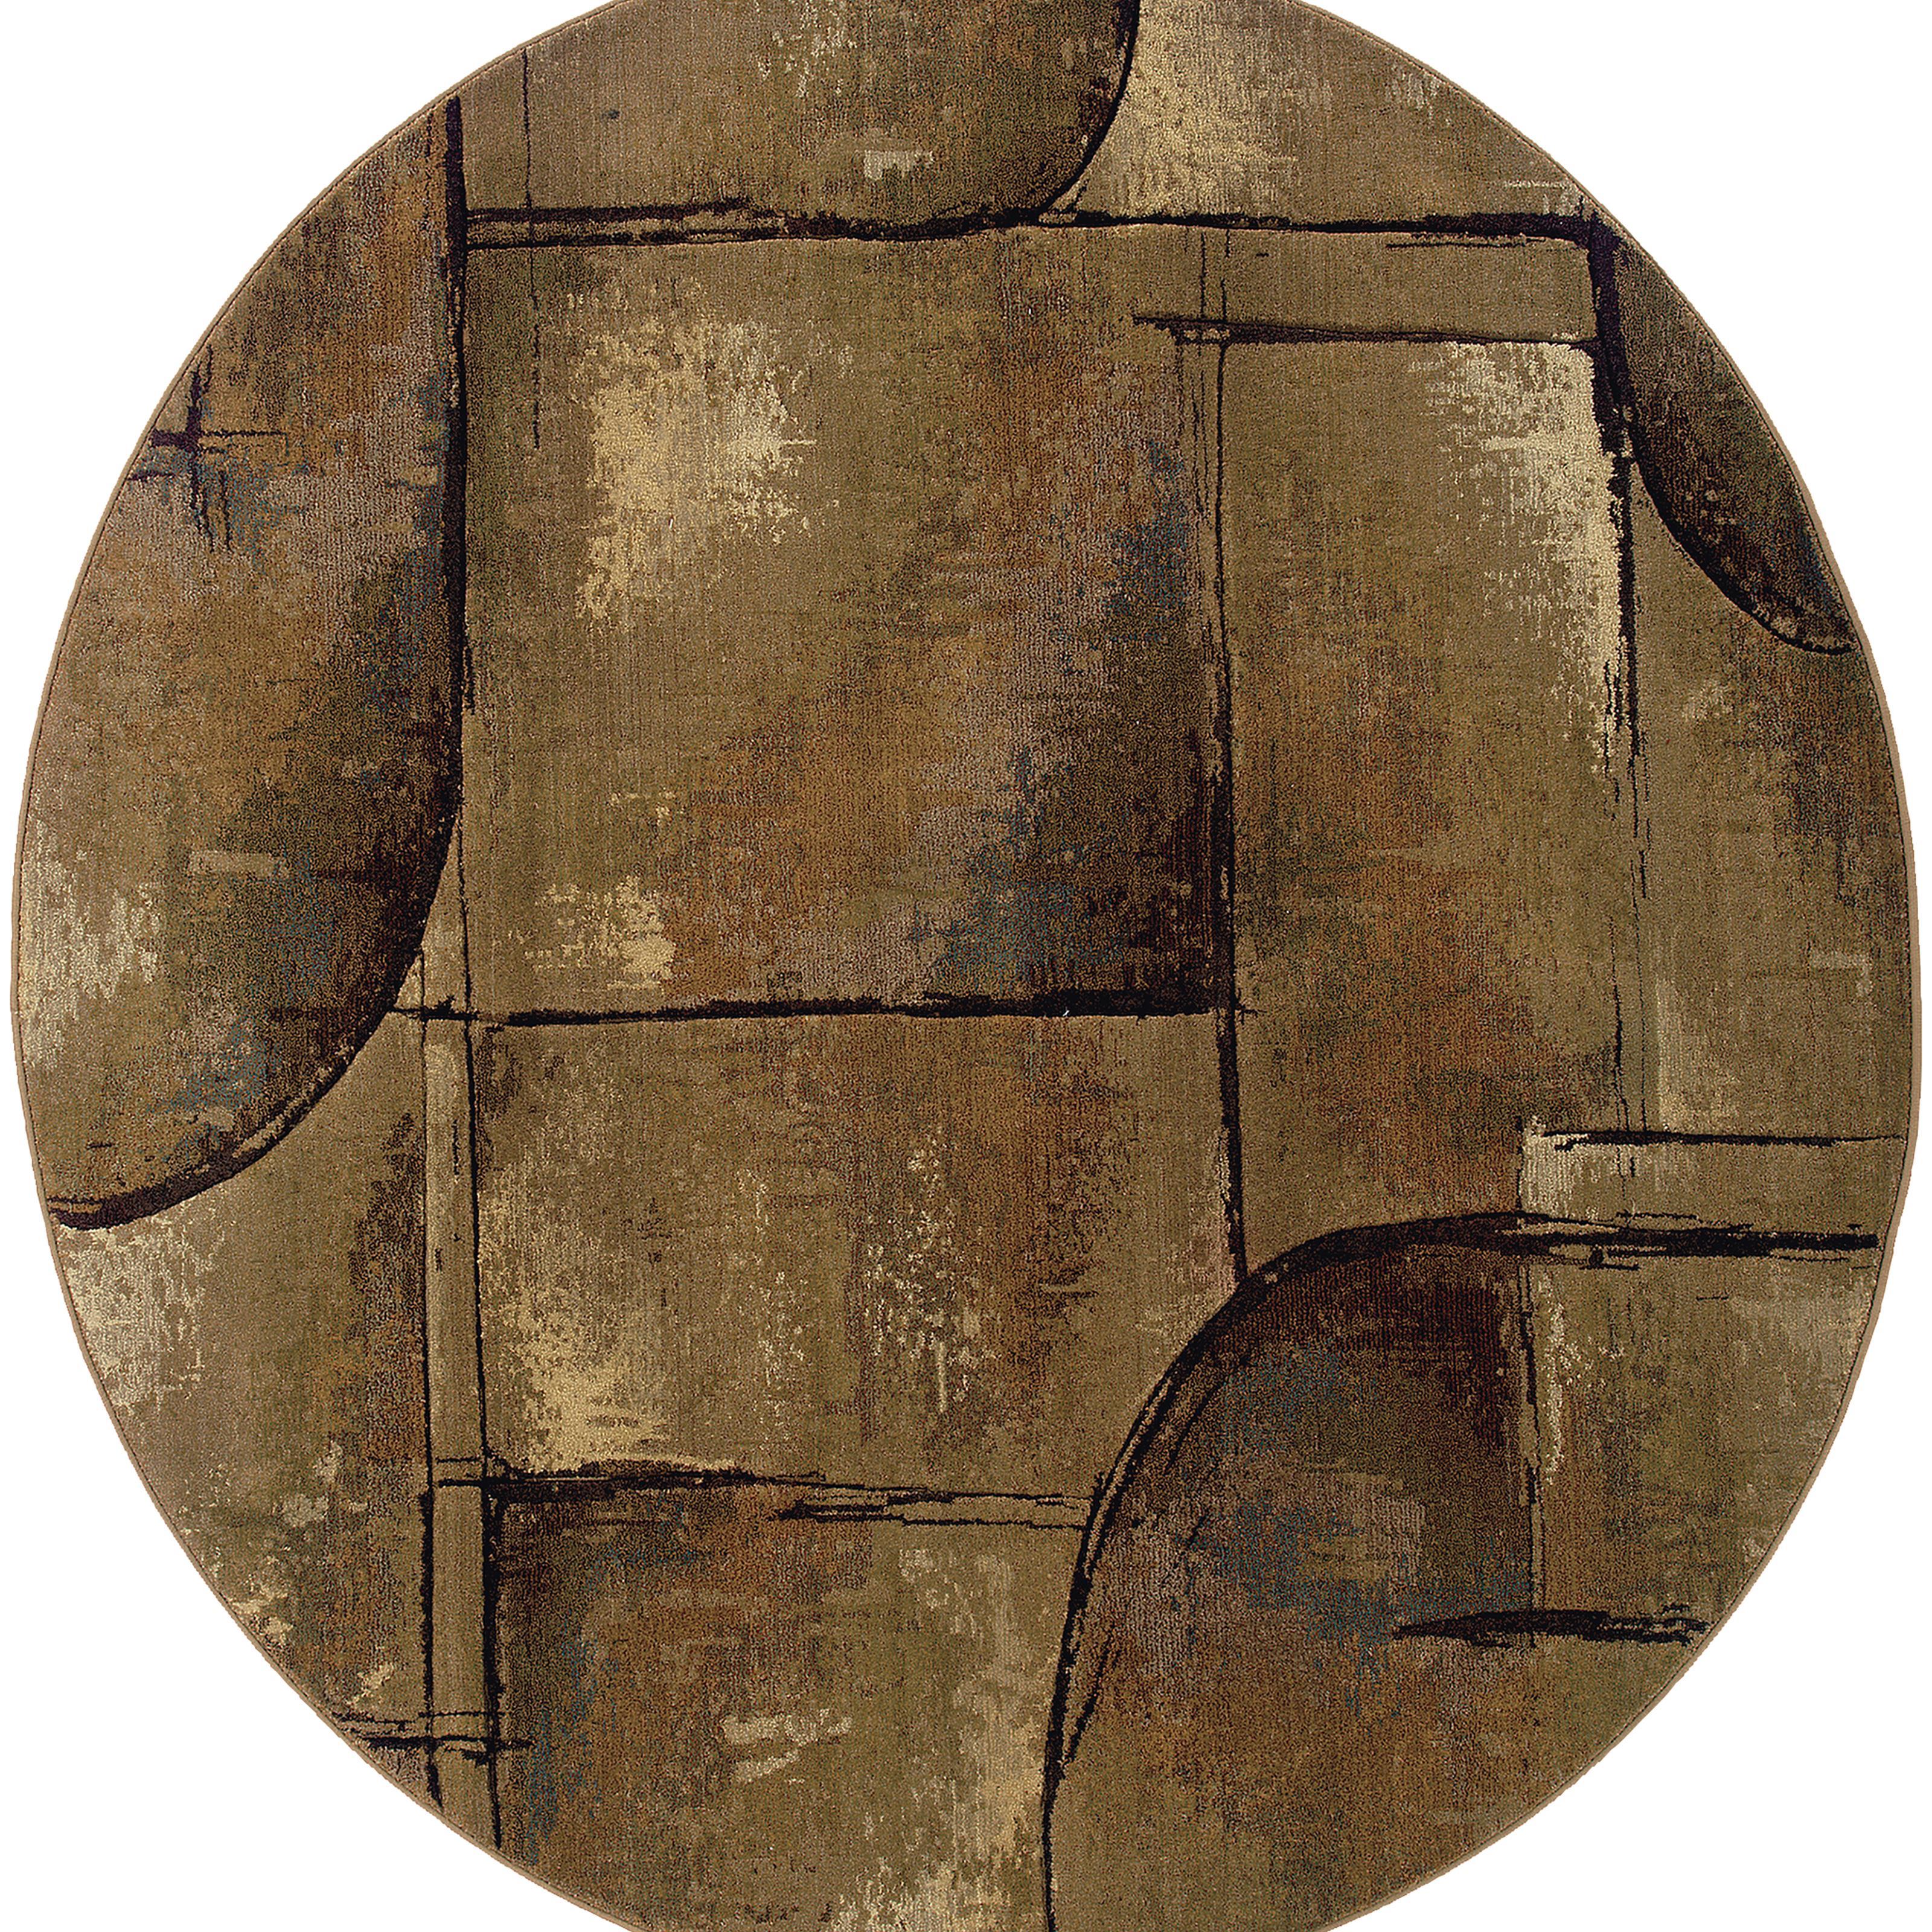 Oriental Weavers Genesis 8' Rug - Item Number: G8025X240240ST